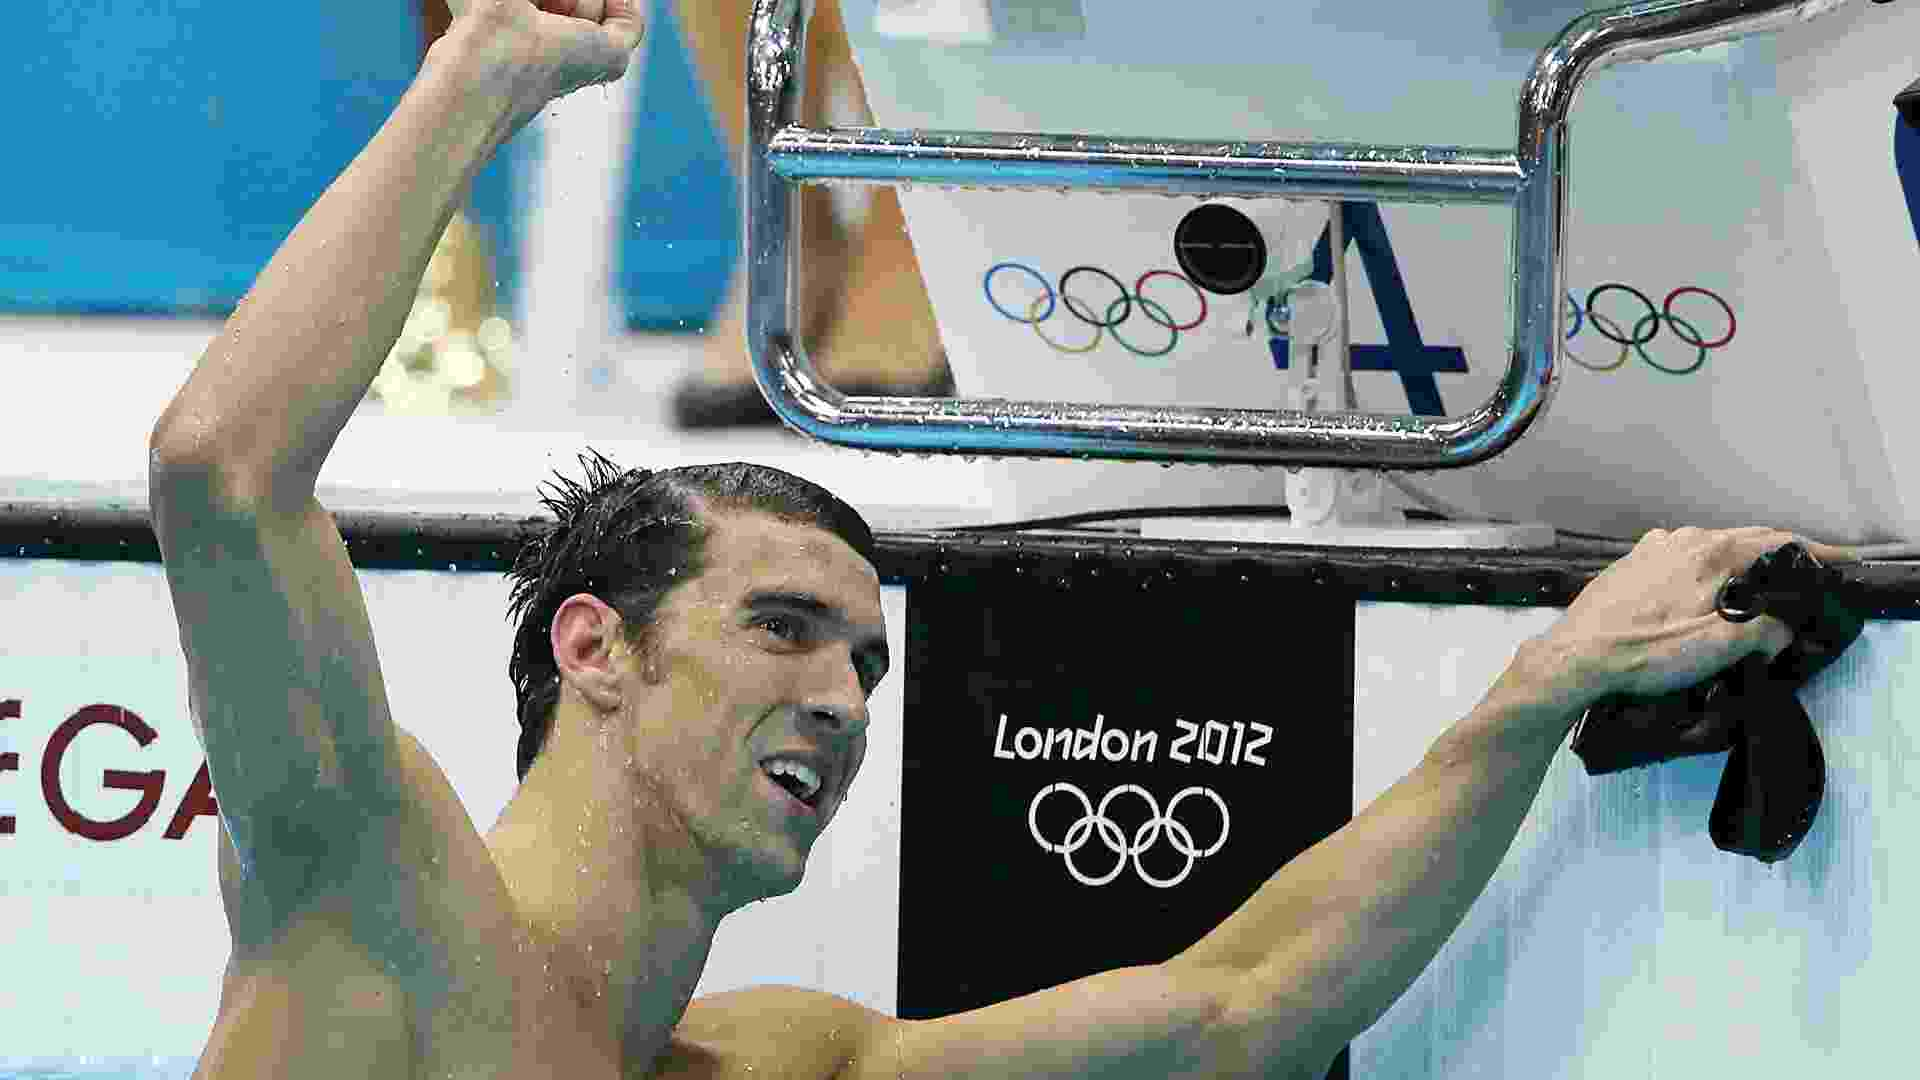 Nadador norte-americano Michael Phelps comemora vitória nos 100 m borboleta, seu 17º ouro em Olimpíadas - Flavio Florido/UOL